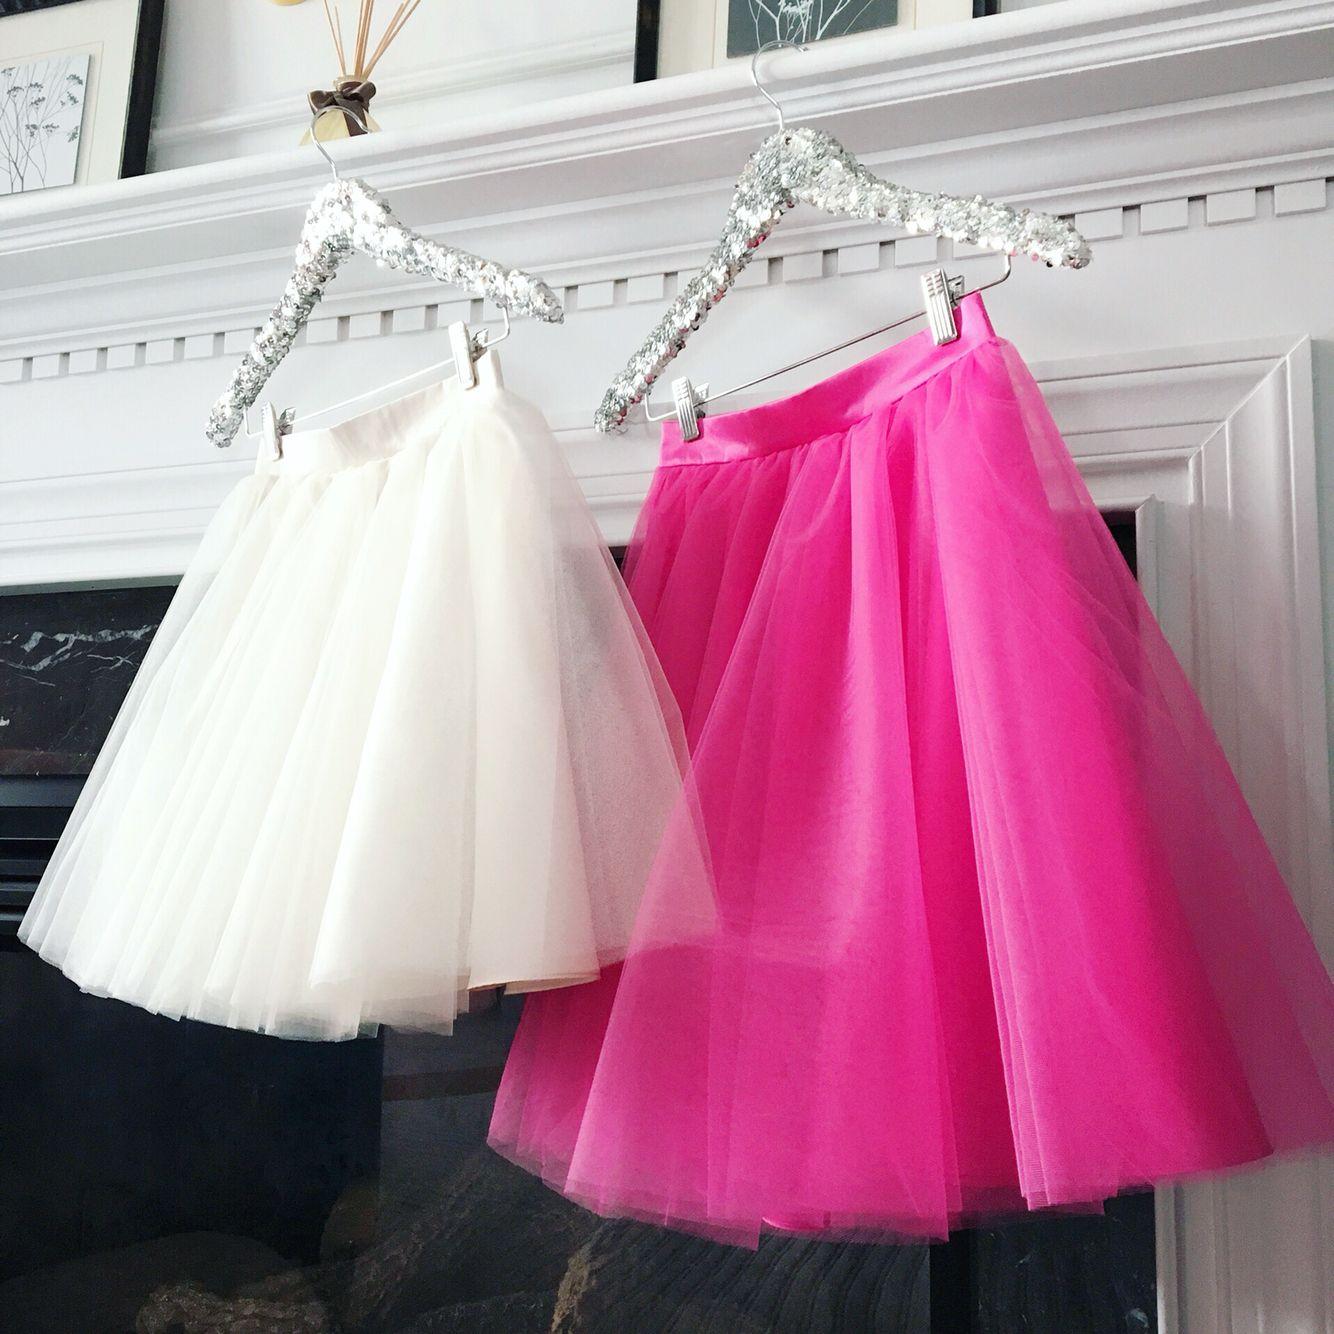 Tulle skirts bliss tulle style pinterest tulle skirts